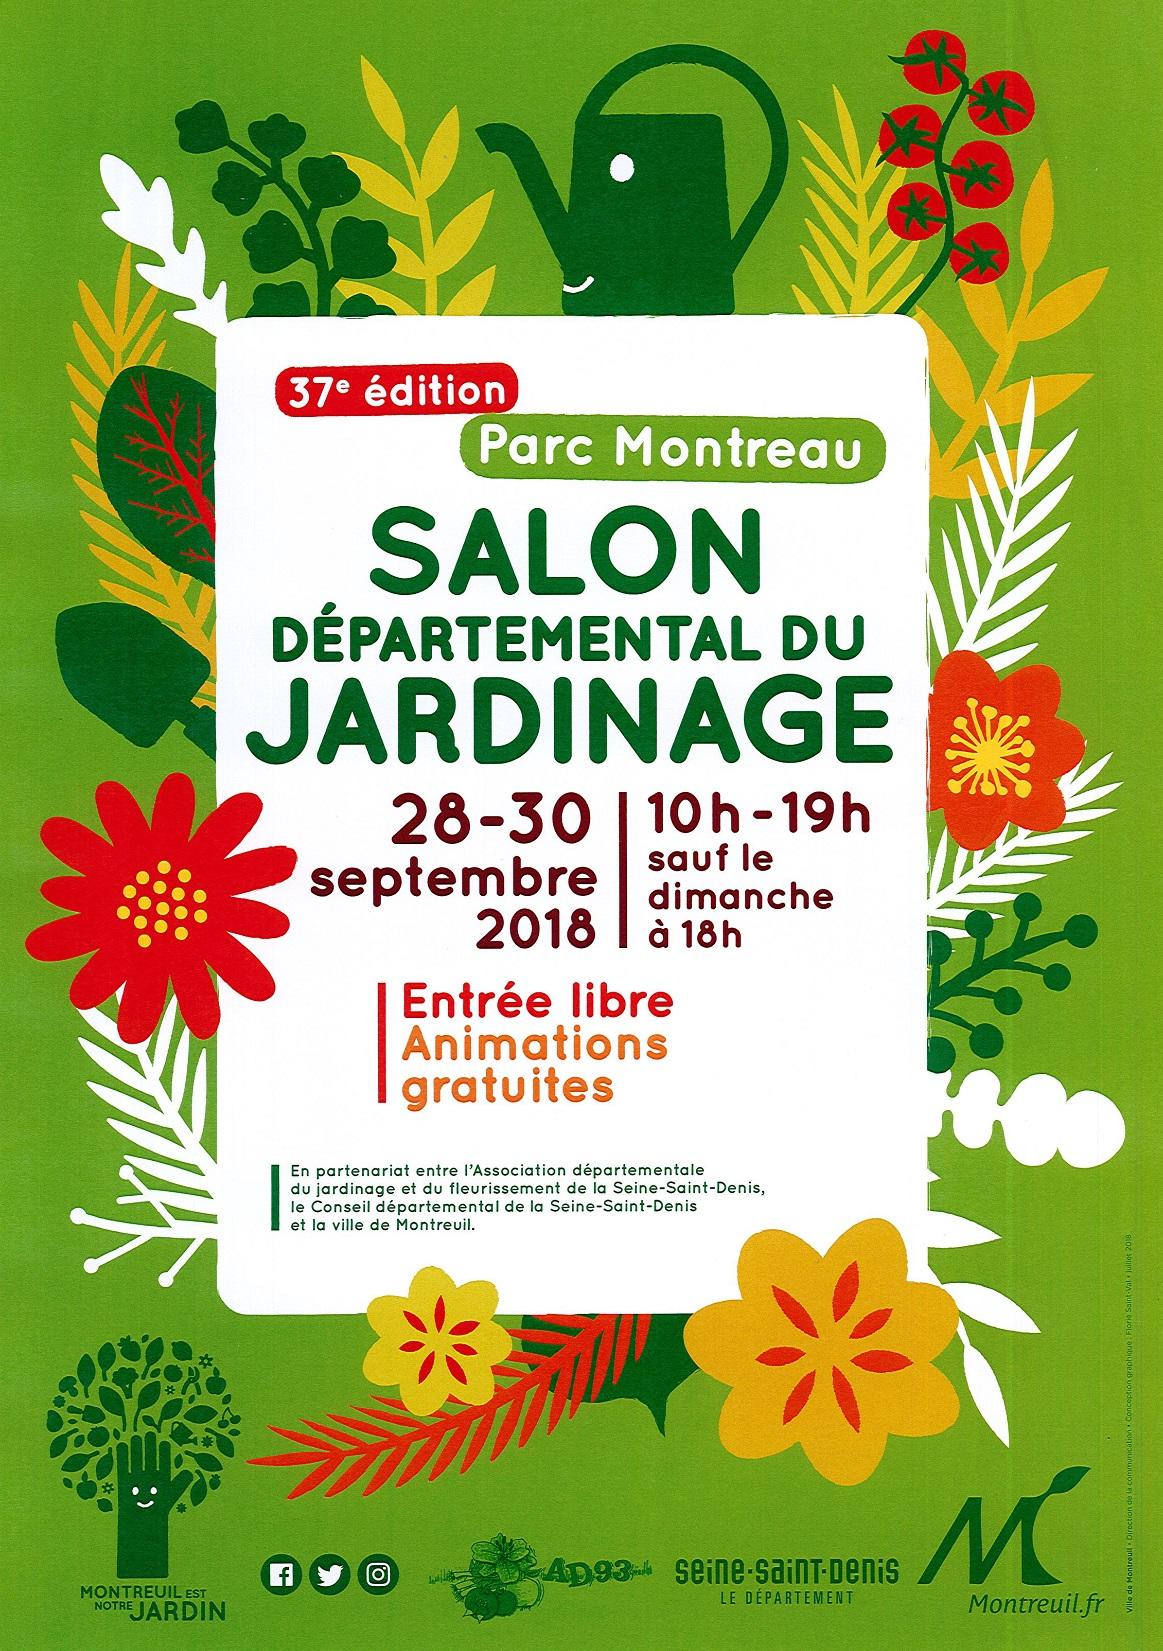 37ème salon du Jardinage à Montreuil - 2018